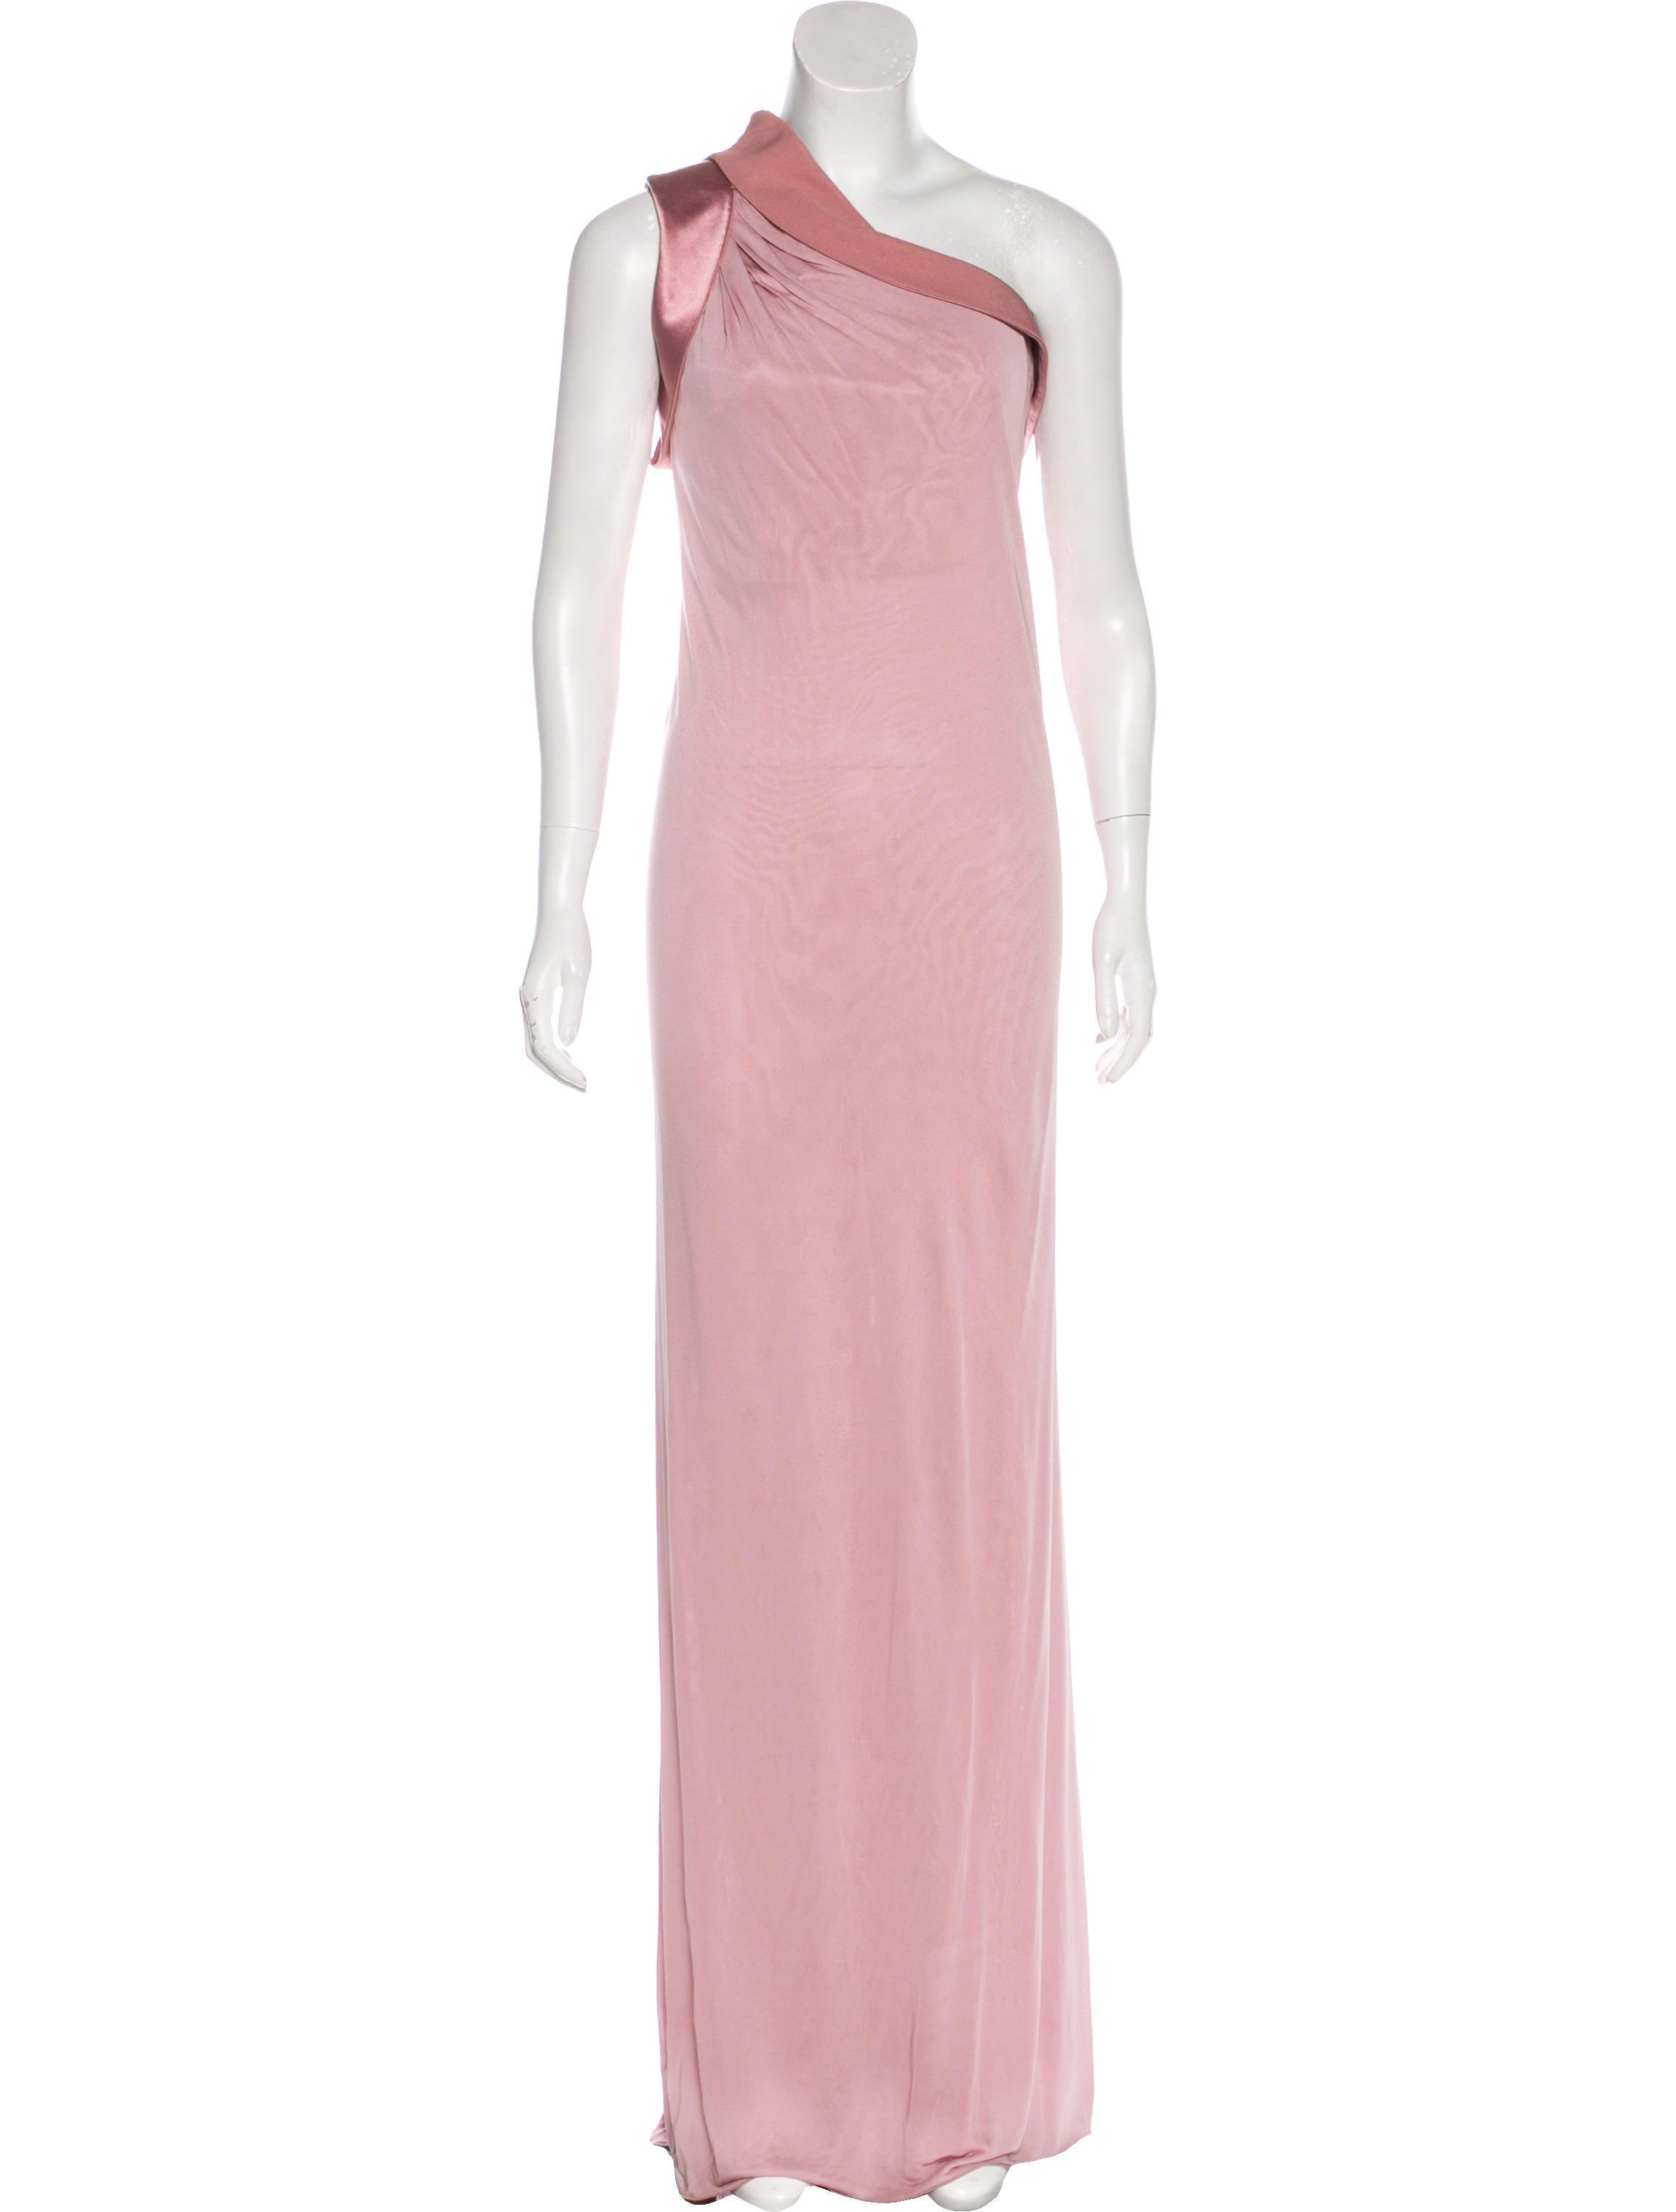 Fantástico Versace Party Dresses Motivo - Colección de Vestidos de ...